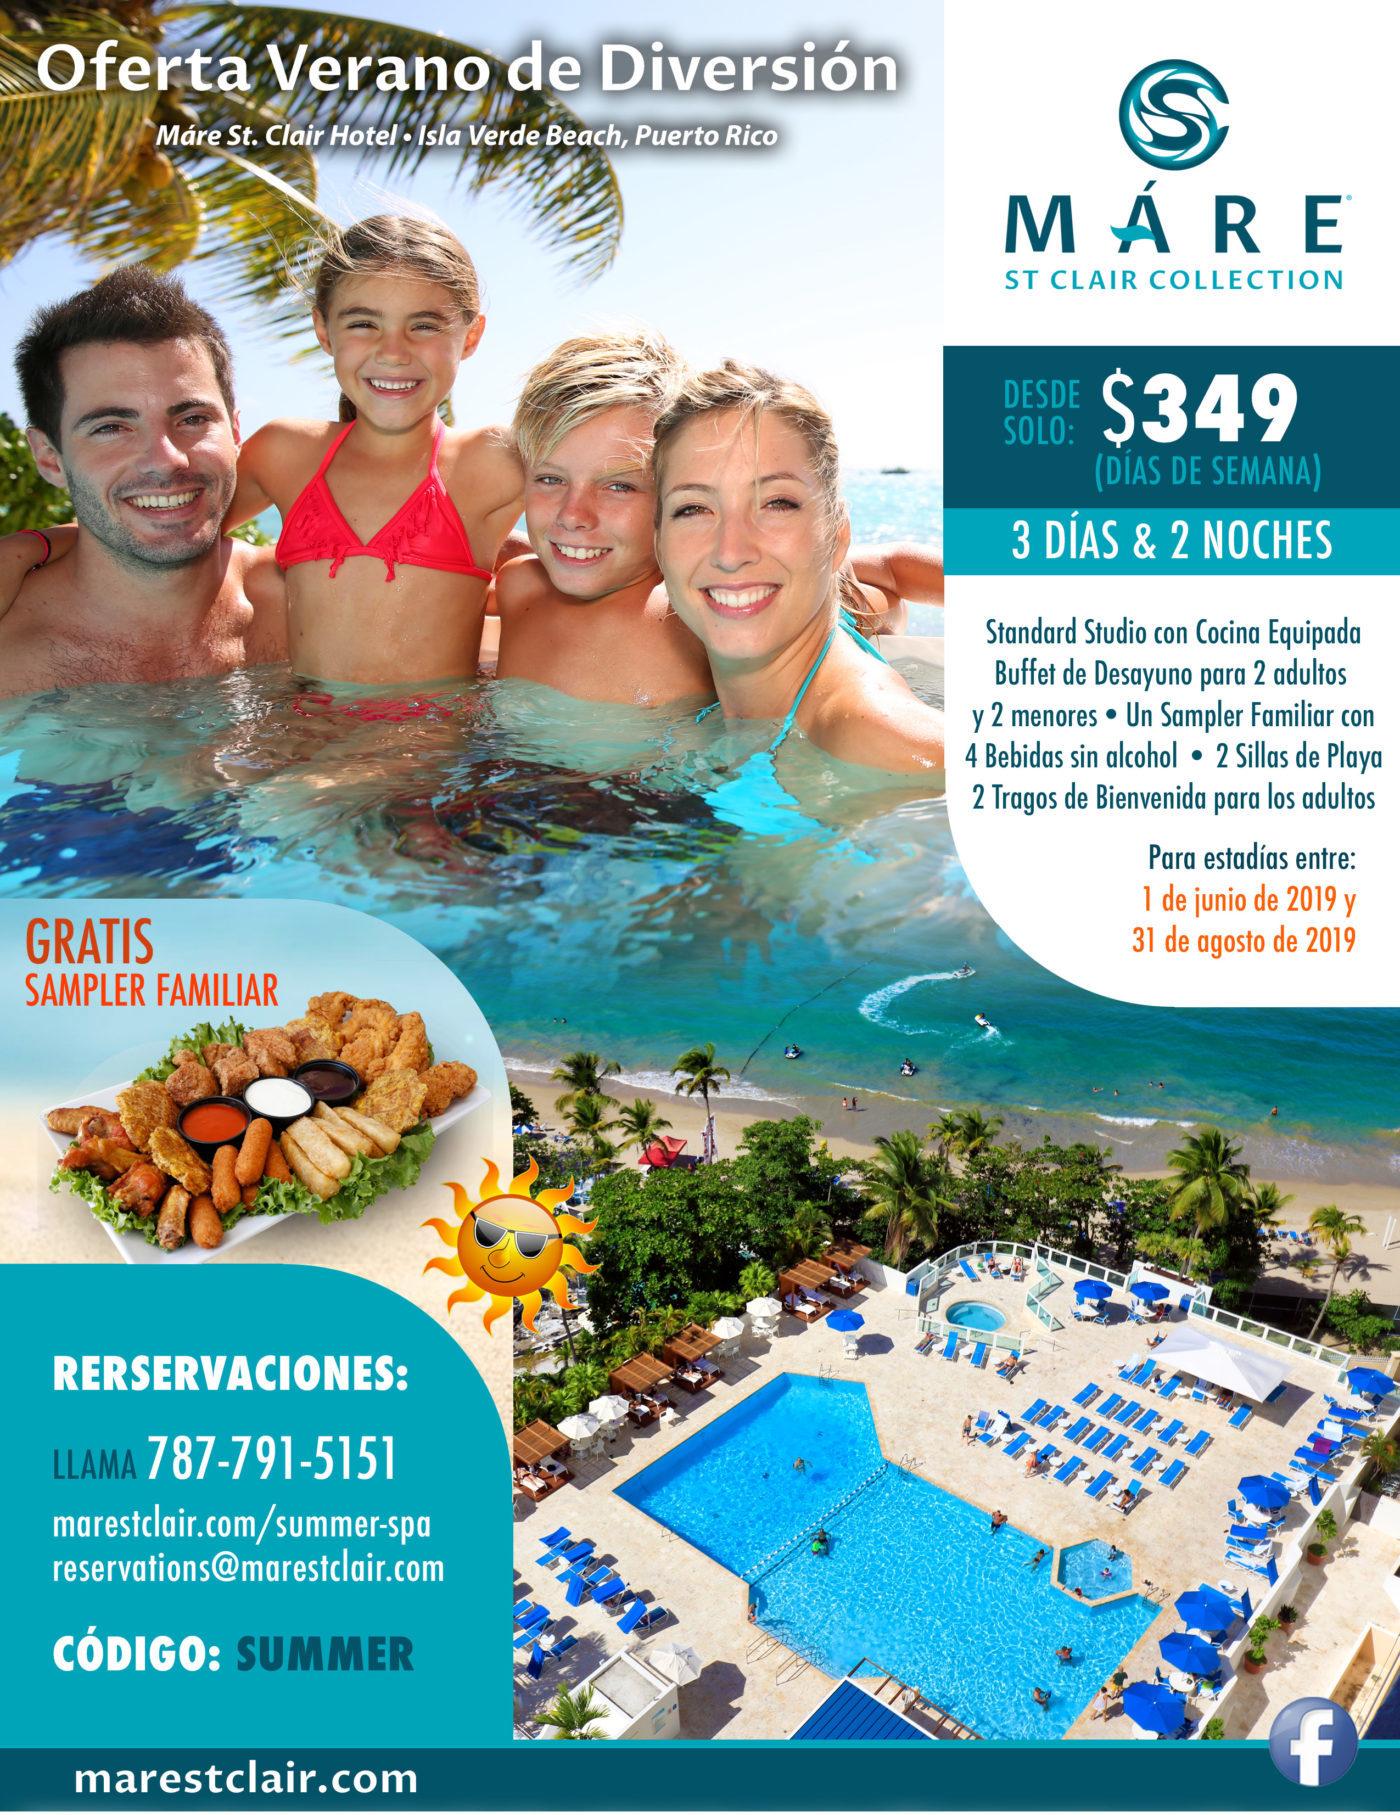 Oferta Verano de Diversión, Máre St. Clair Hotel, Isla Verde Beach, Puerto Rico